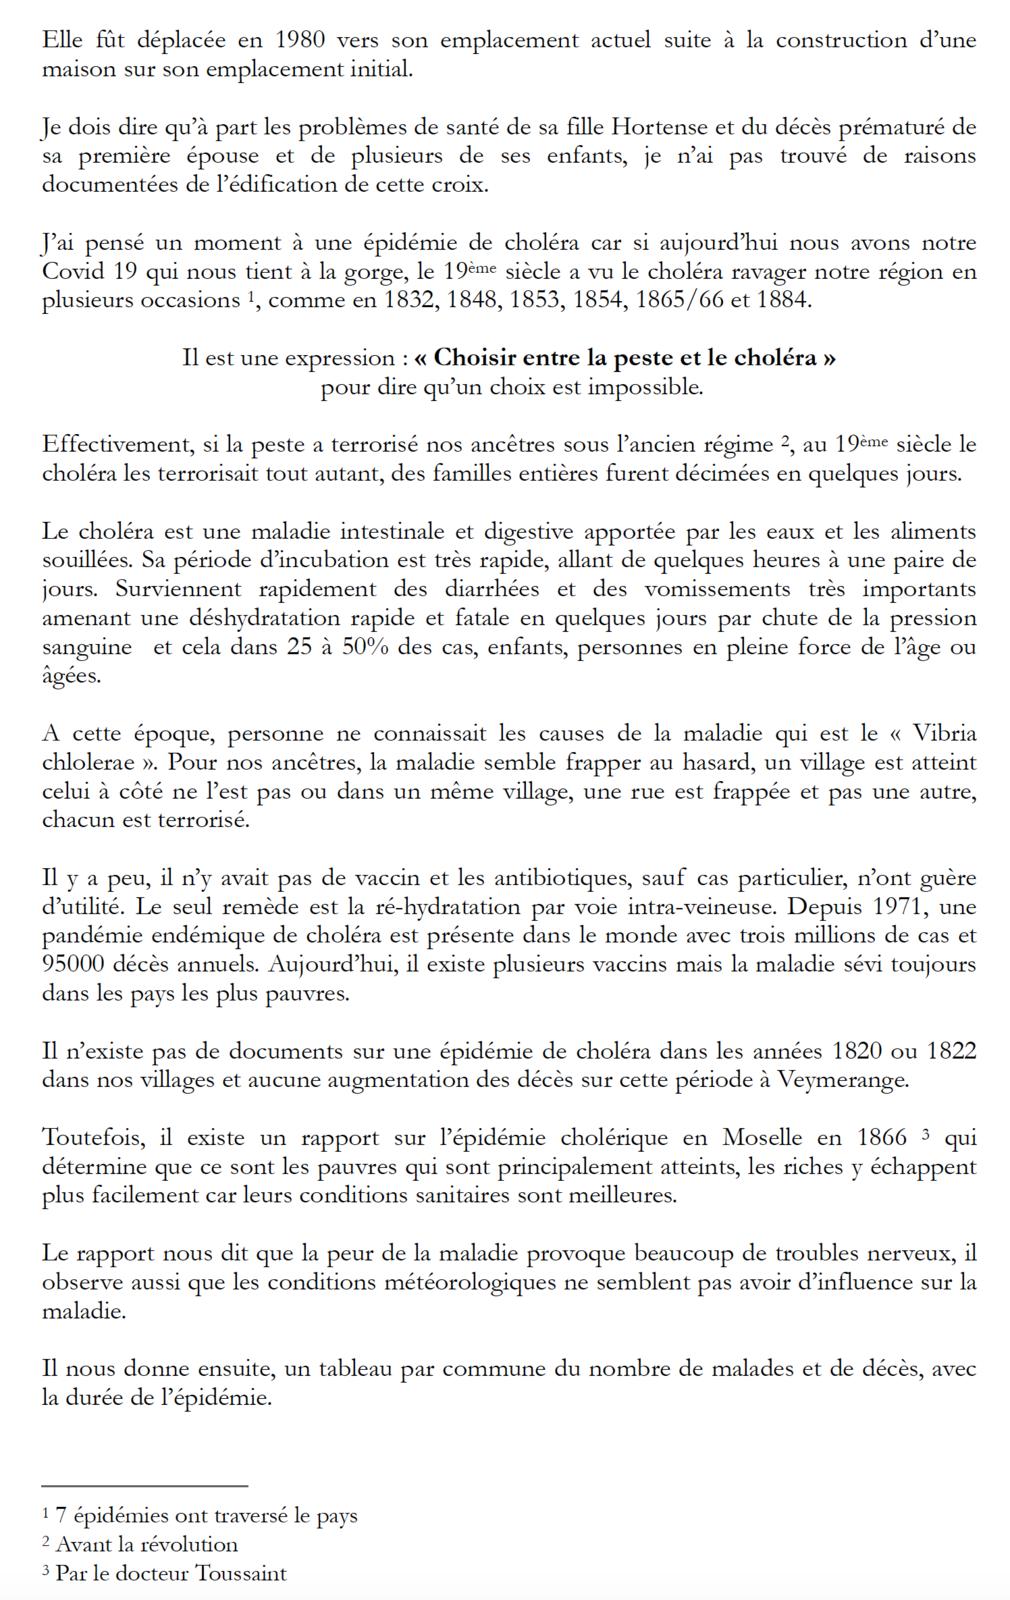 1805 - Testament de Marie Jeanne Fringan et Charles de Latouche